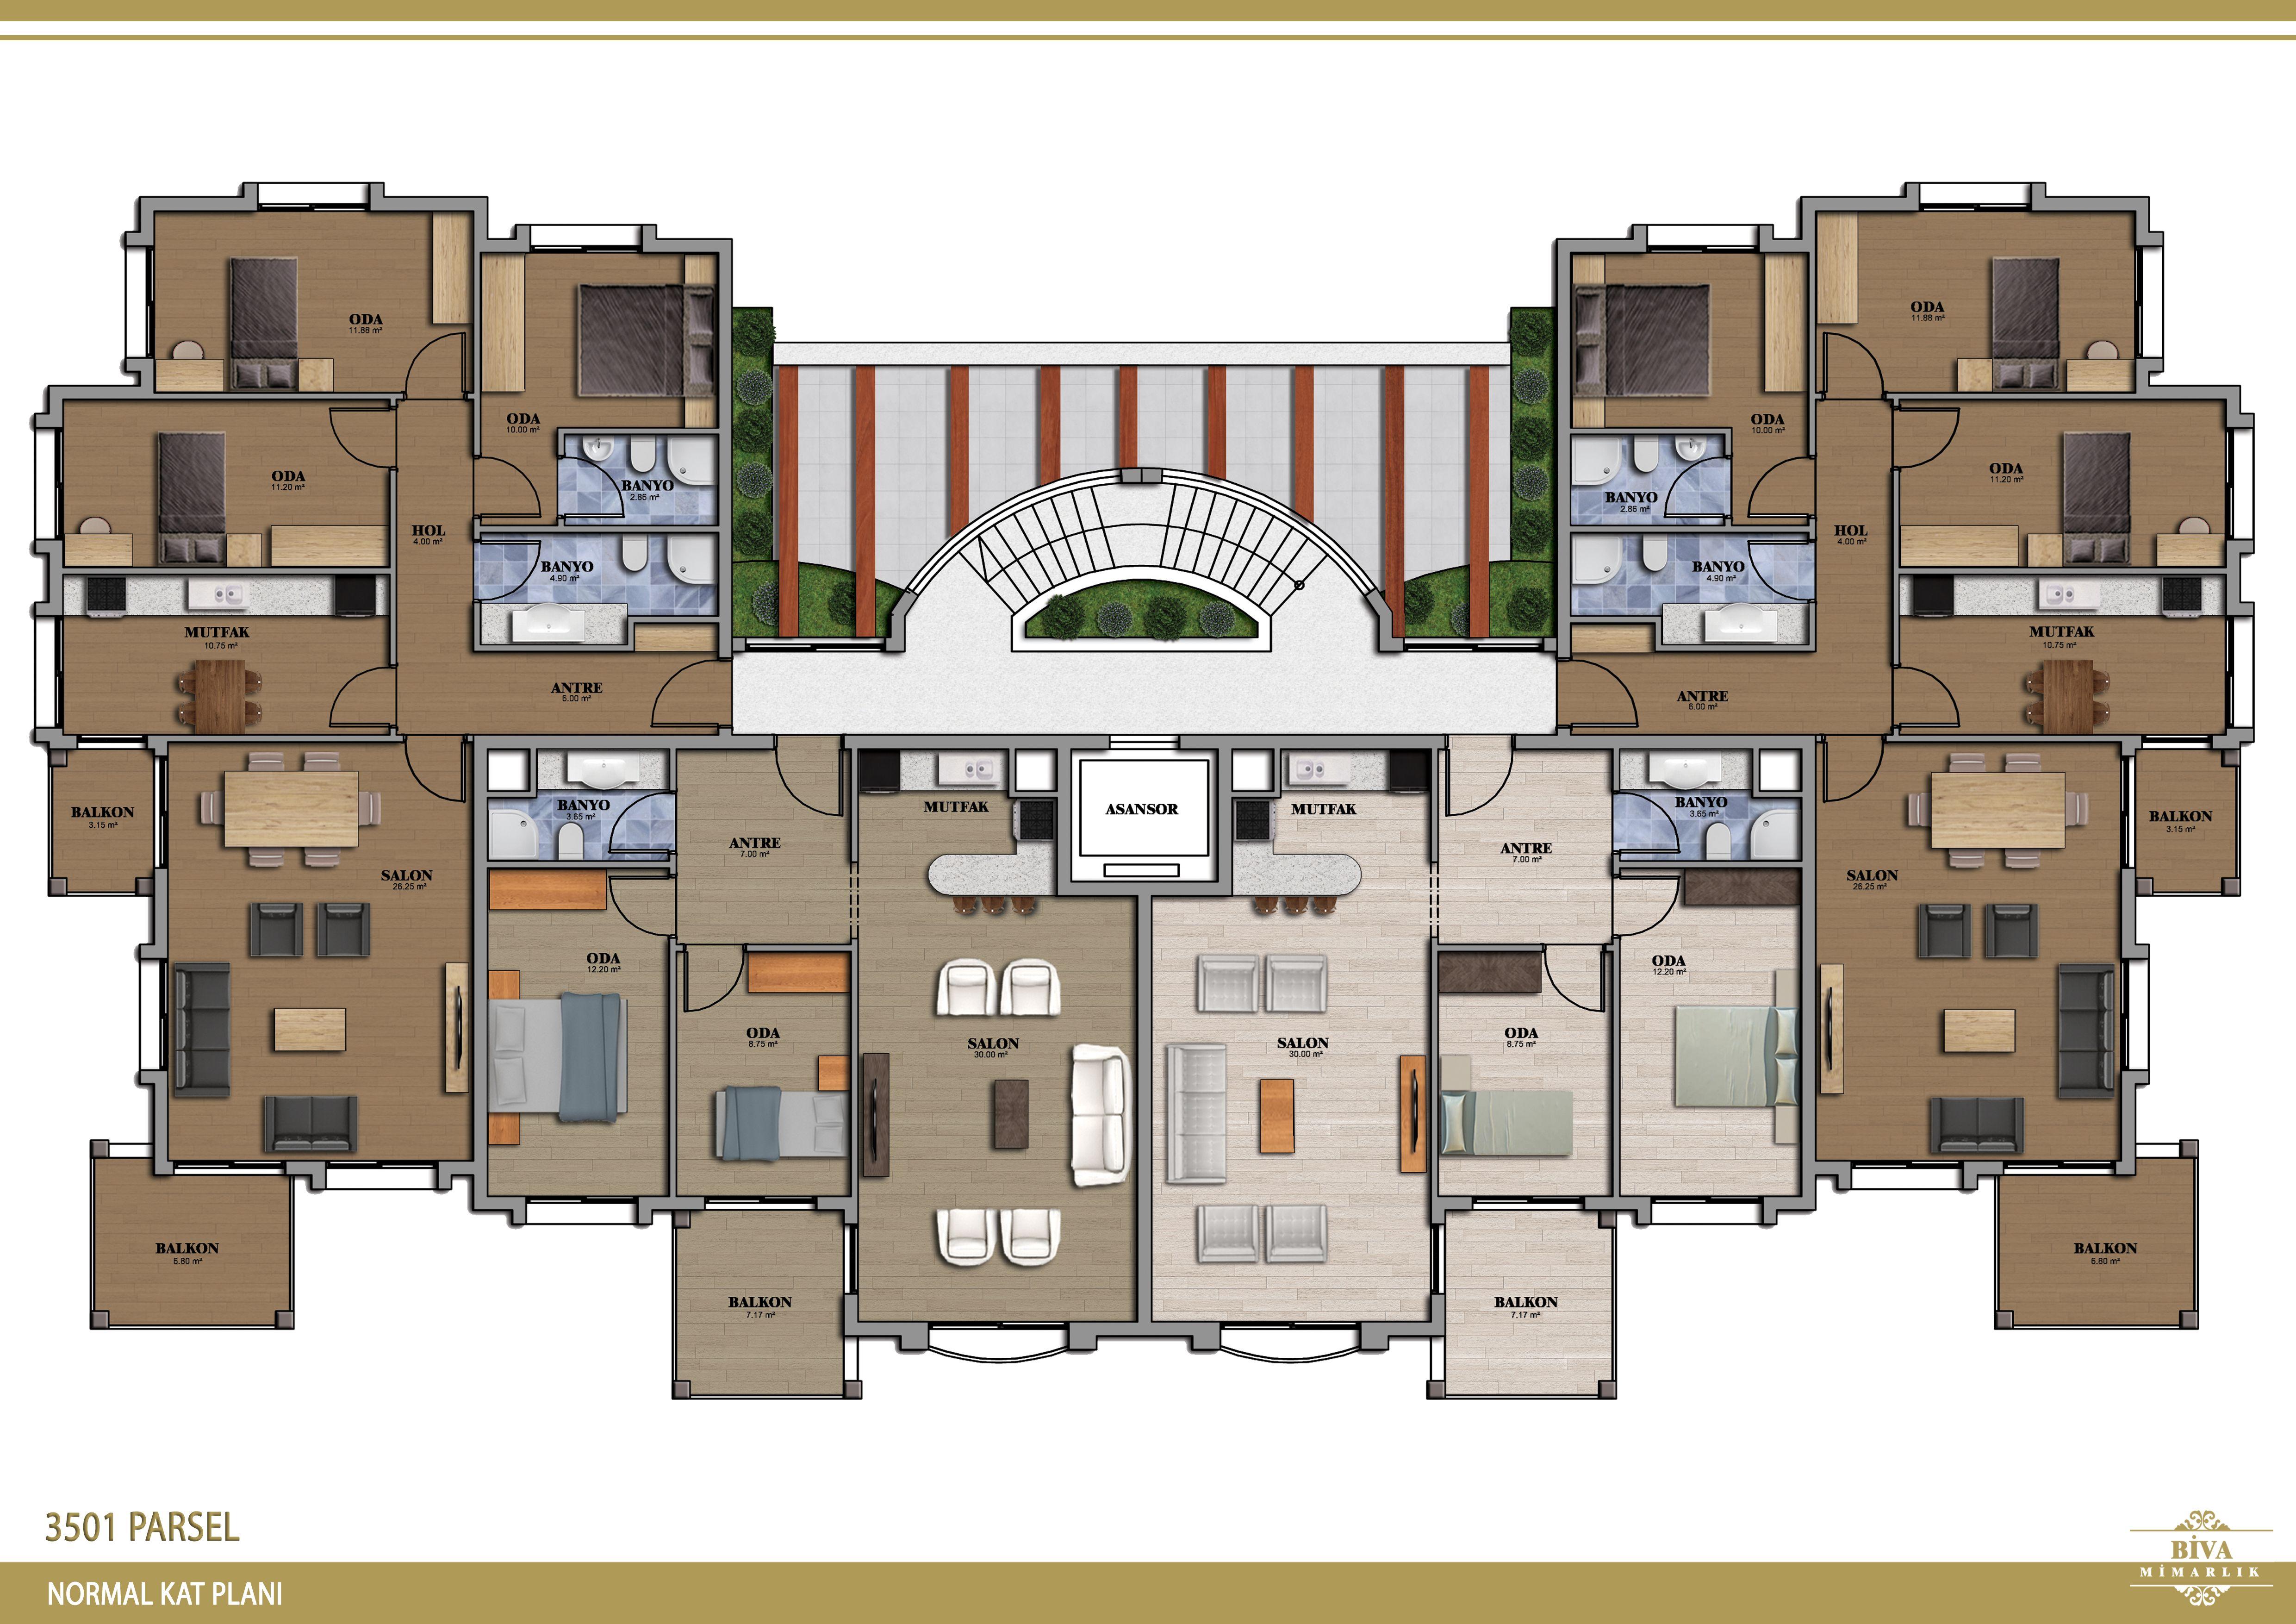 Office Floor Plan Building Designs Floor Plans